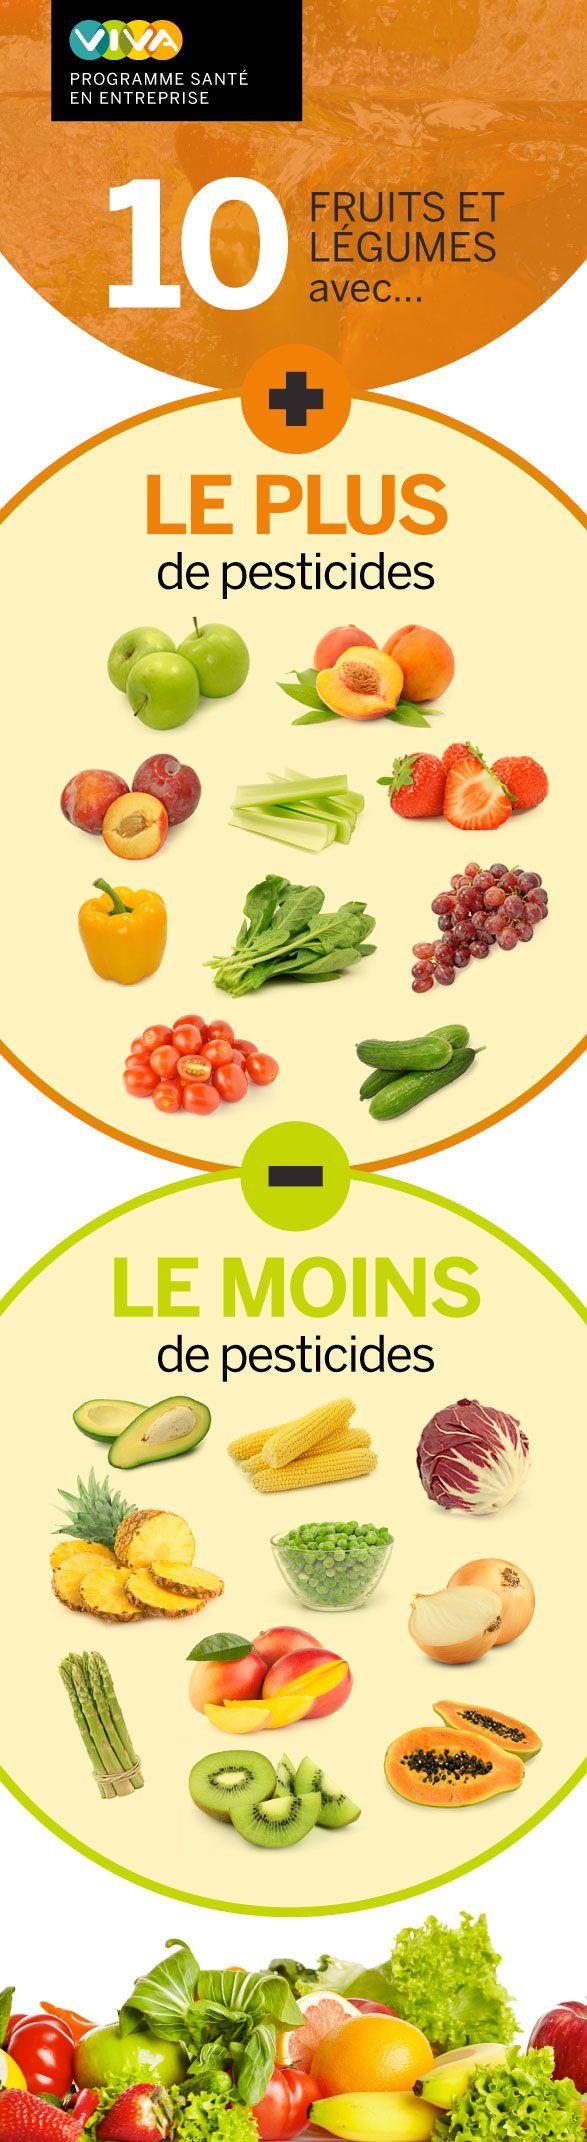 Un bon lavage est recommandé pour éliminer les résidus de pesticides, particulièrement pour ceux dont la pelure est comestible.